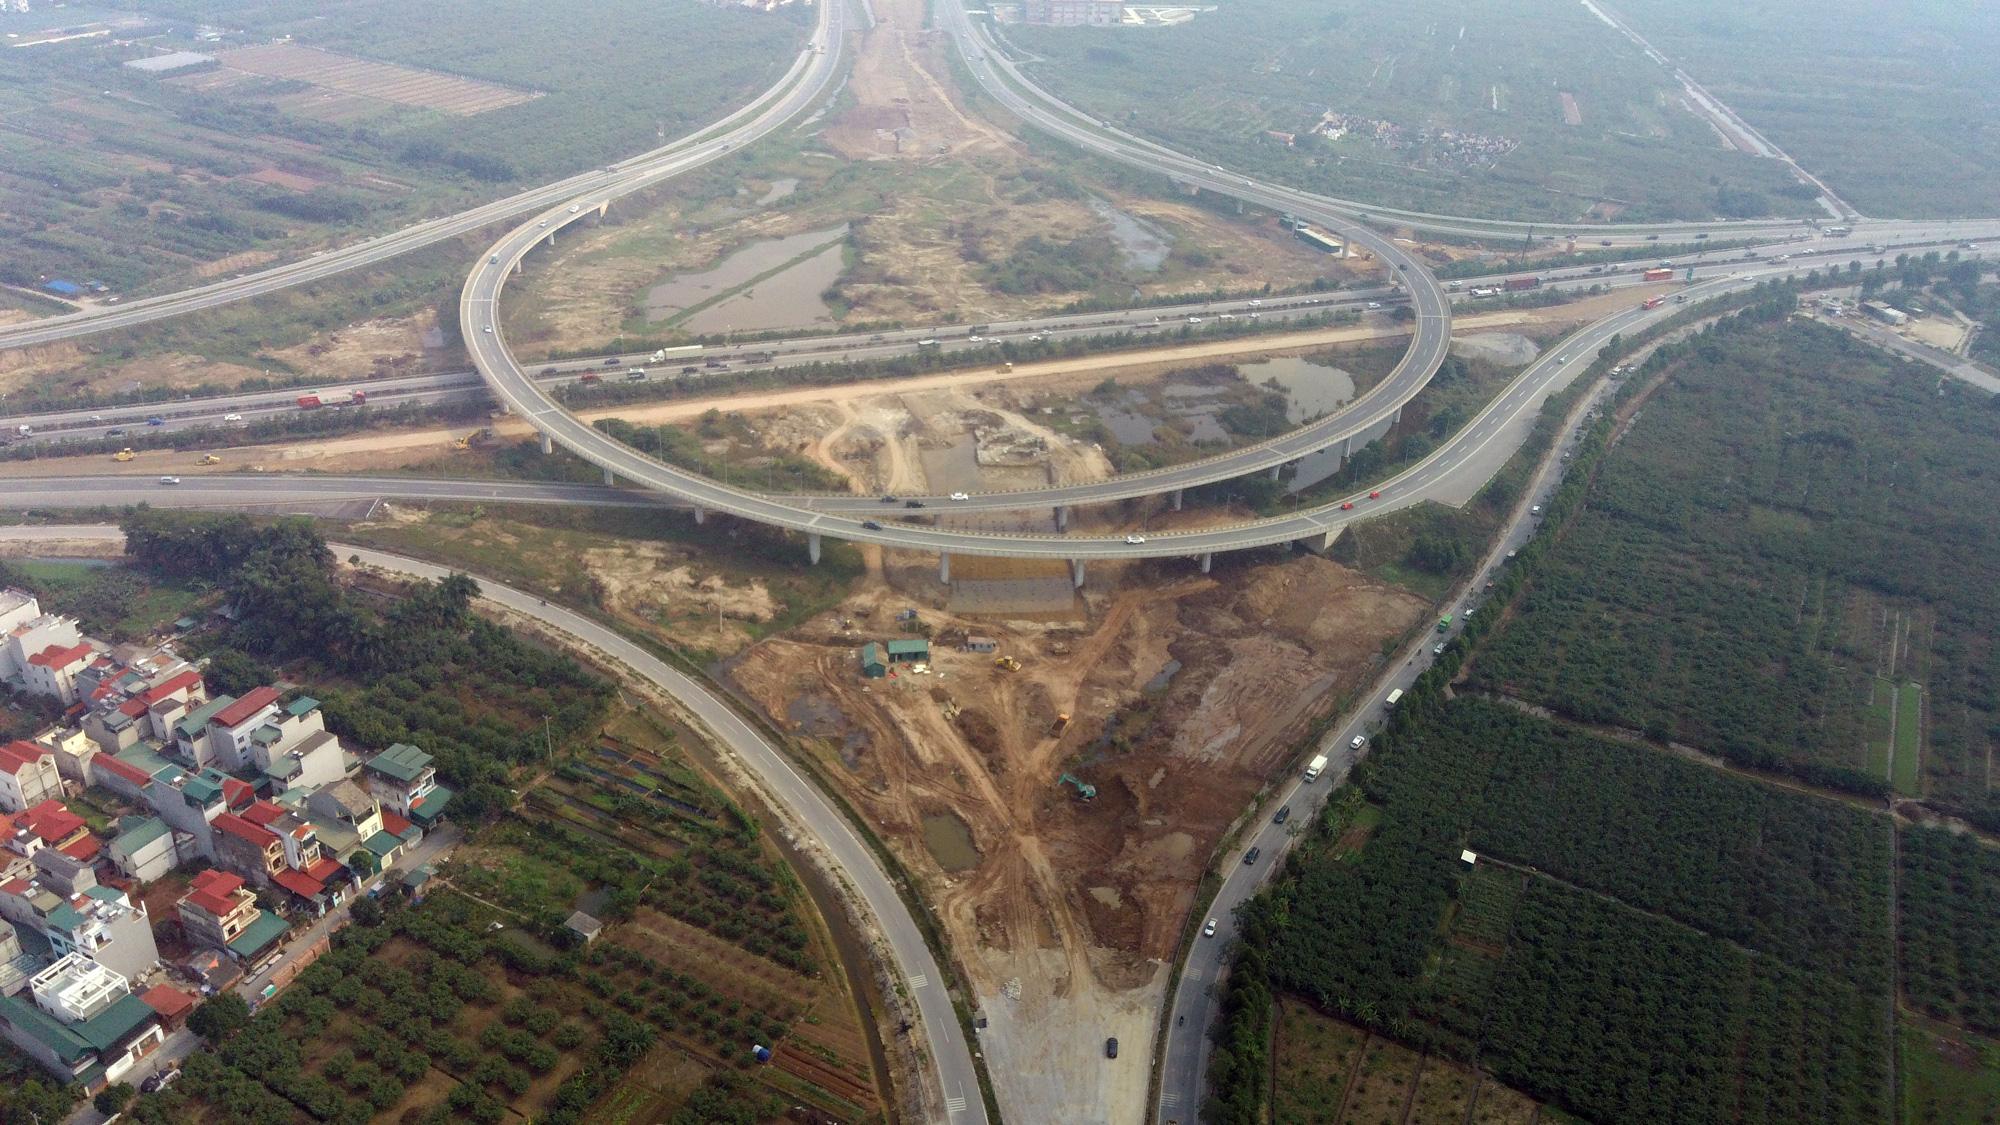 Rào Vành đai 3 hơn 7 tháng phục vụ thi công nút giao với cao tốc Hà Nội - Hải Phòng - Ảnh 1.